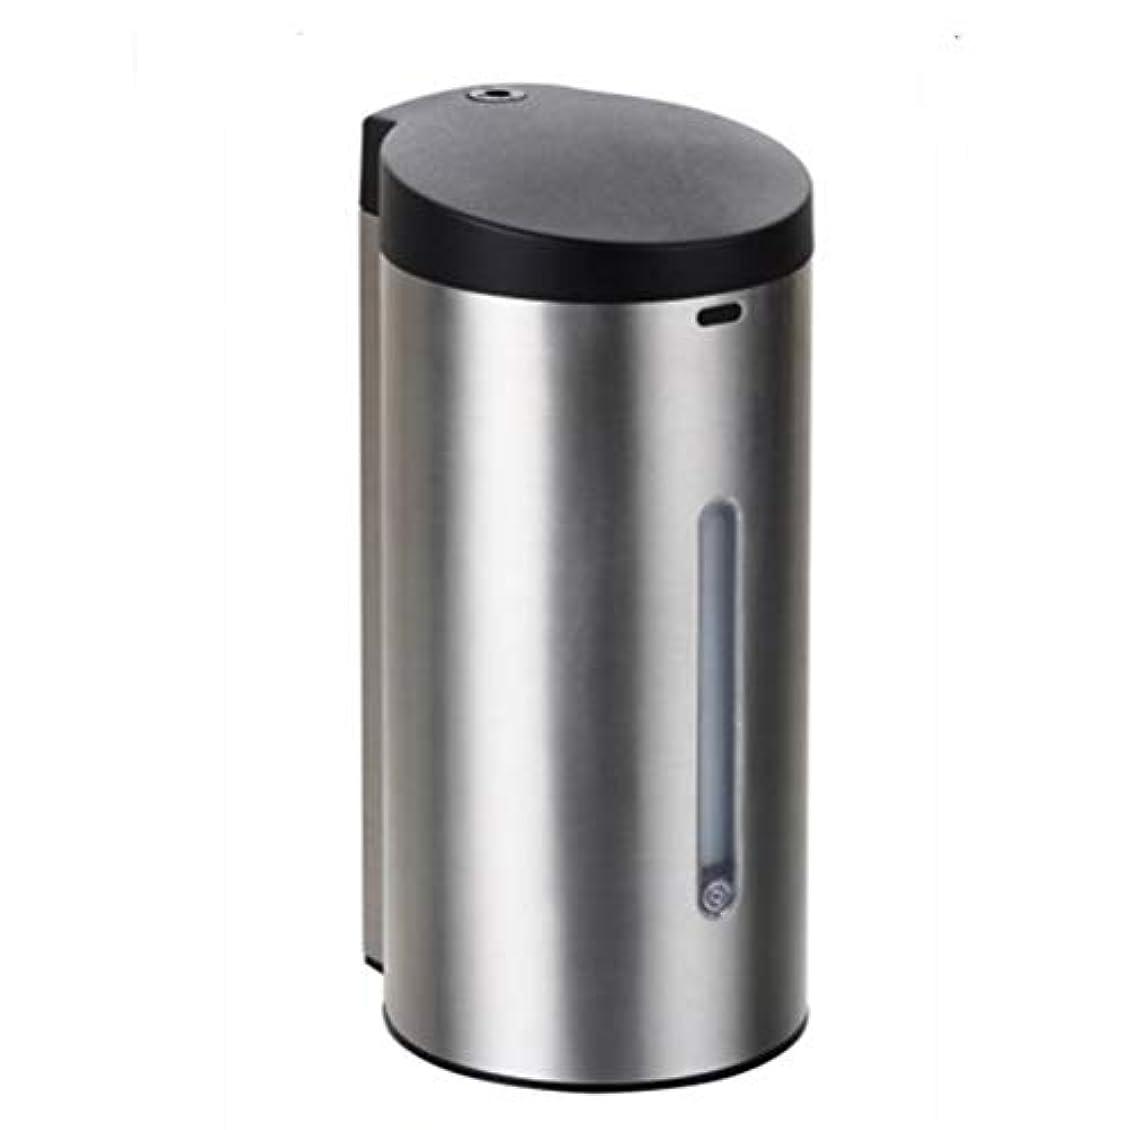 ベルセミナー染色電池式 オートソープディスペンサー 赤外線センサーポンプソープディスペンサーステンレス 漏れ防止7段調整可 自動 ハンドソープ ータッチ 650ML 9Vバッテリー(6ノット* 1.5V)